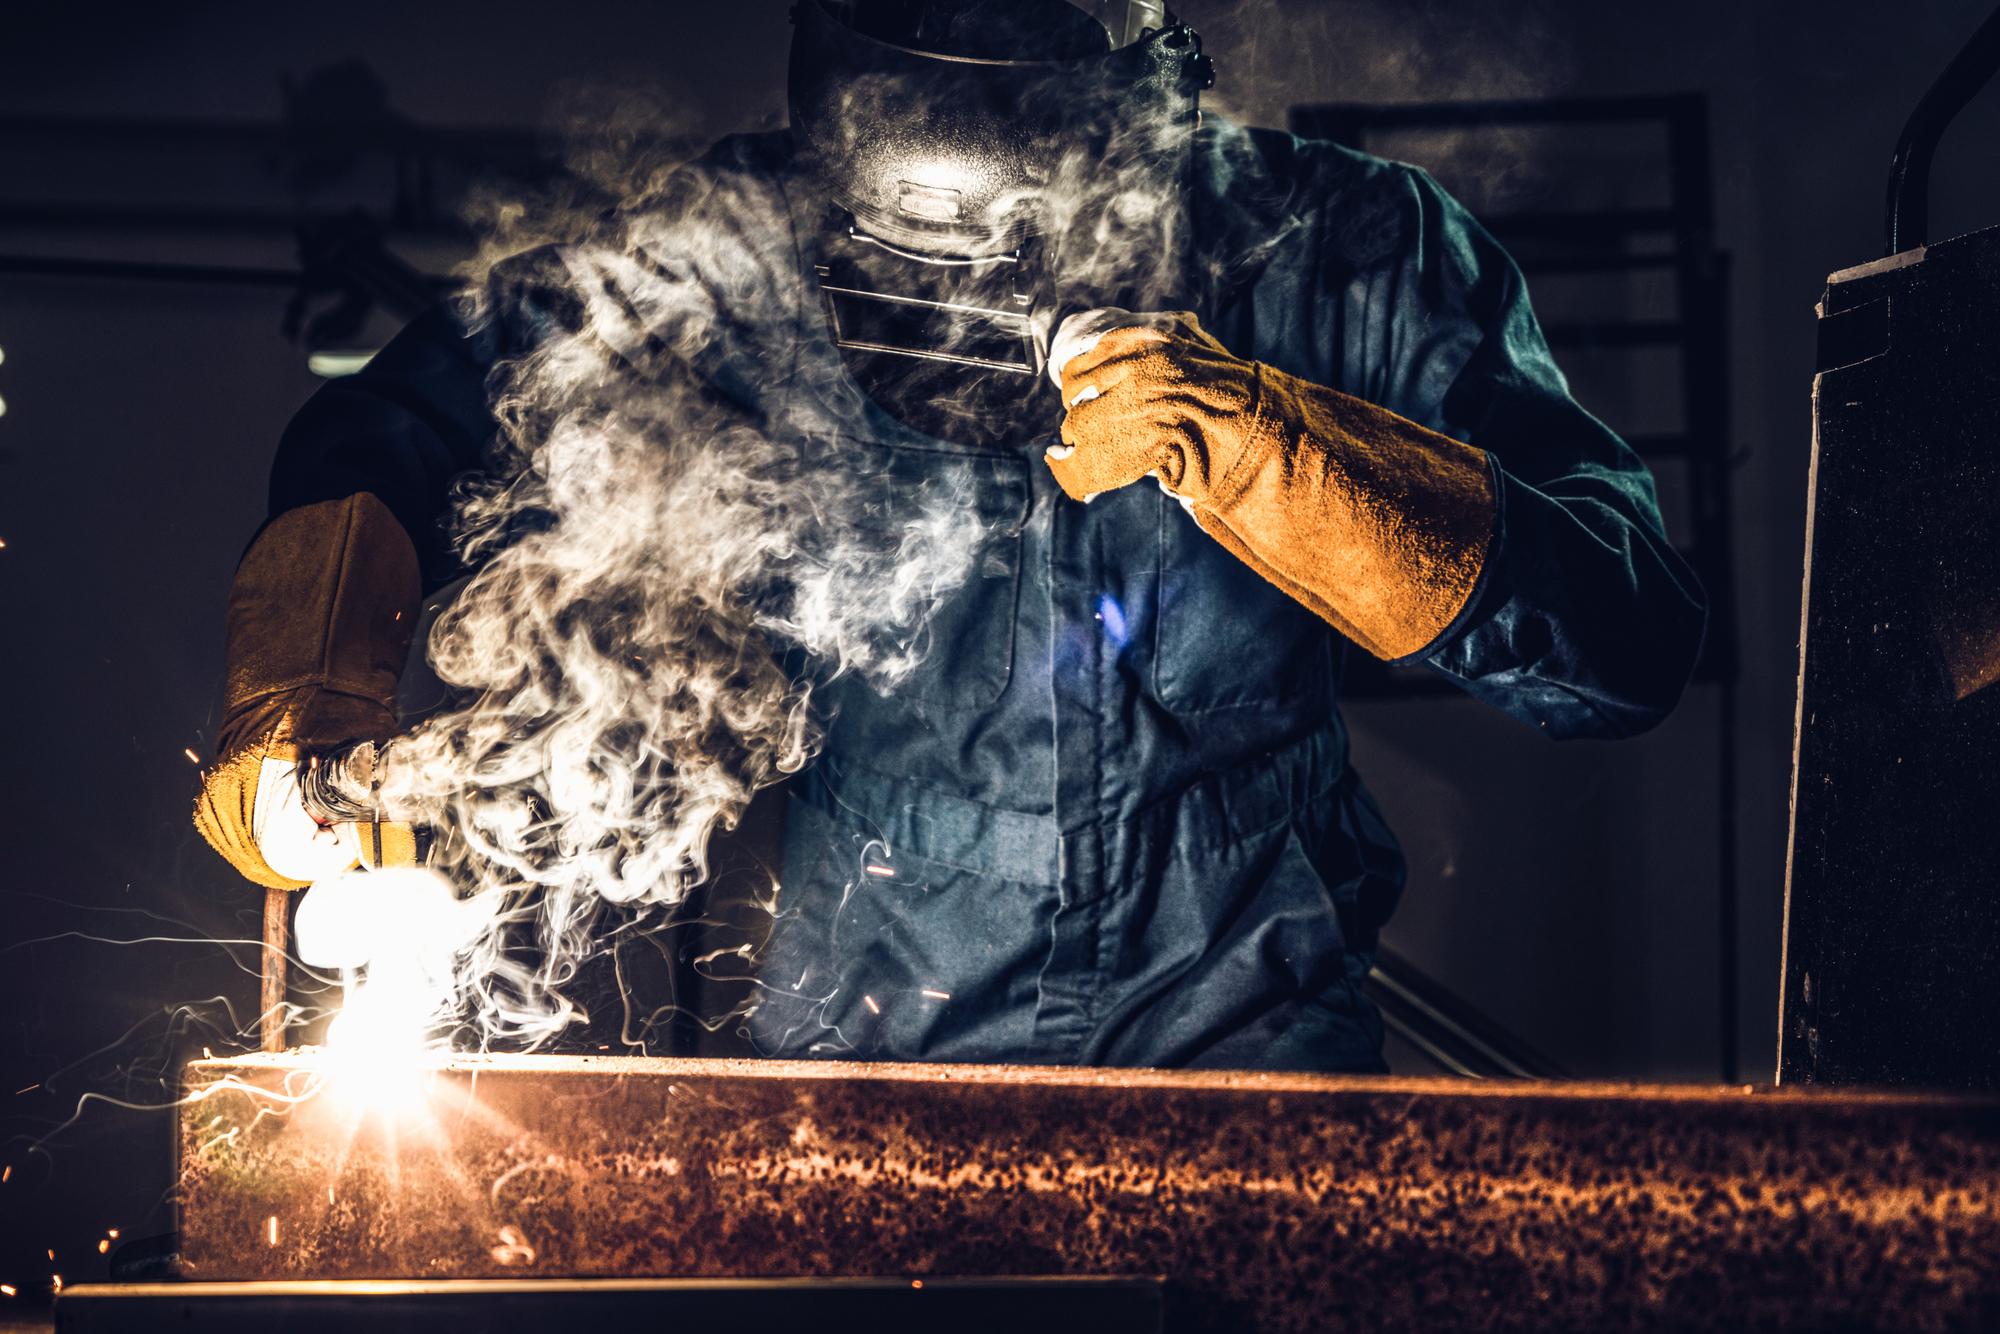 Дым от сварки может стать причиной онкологических заболеваний.